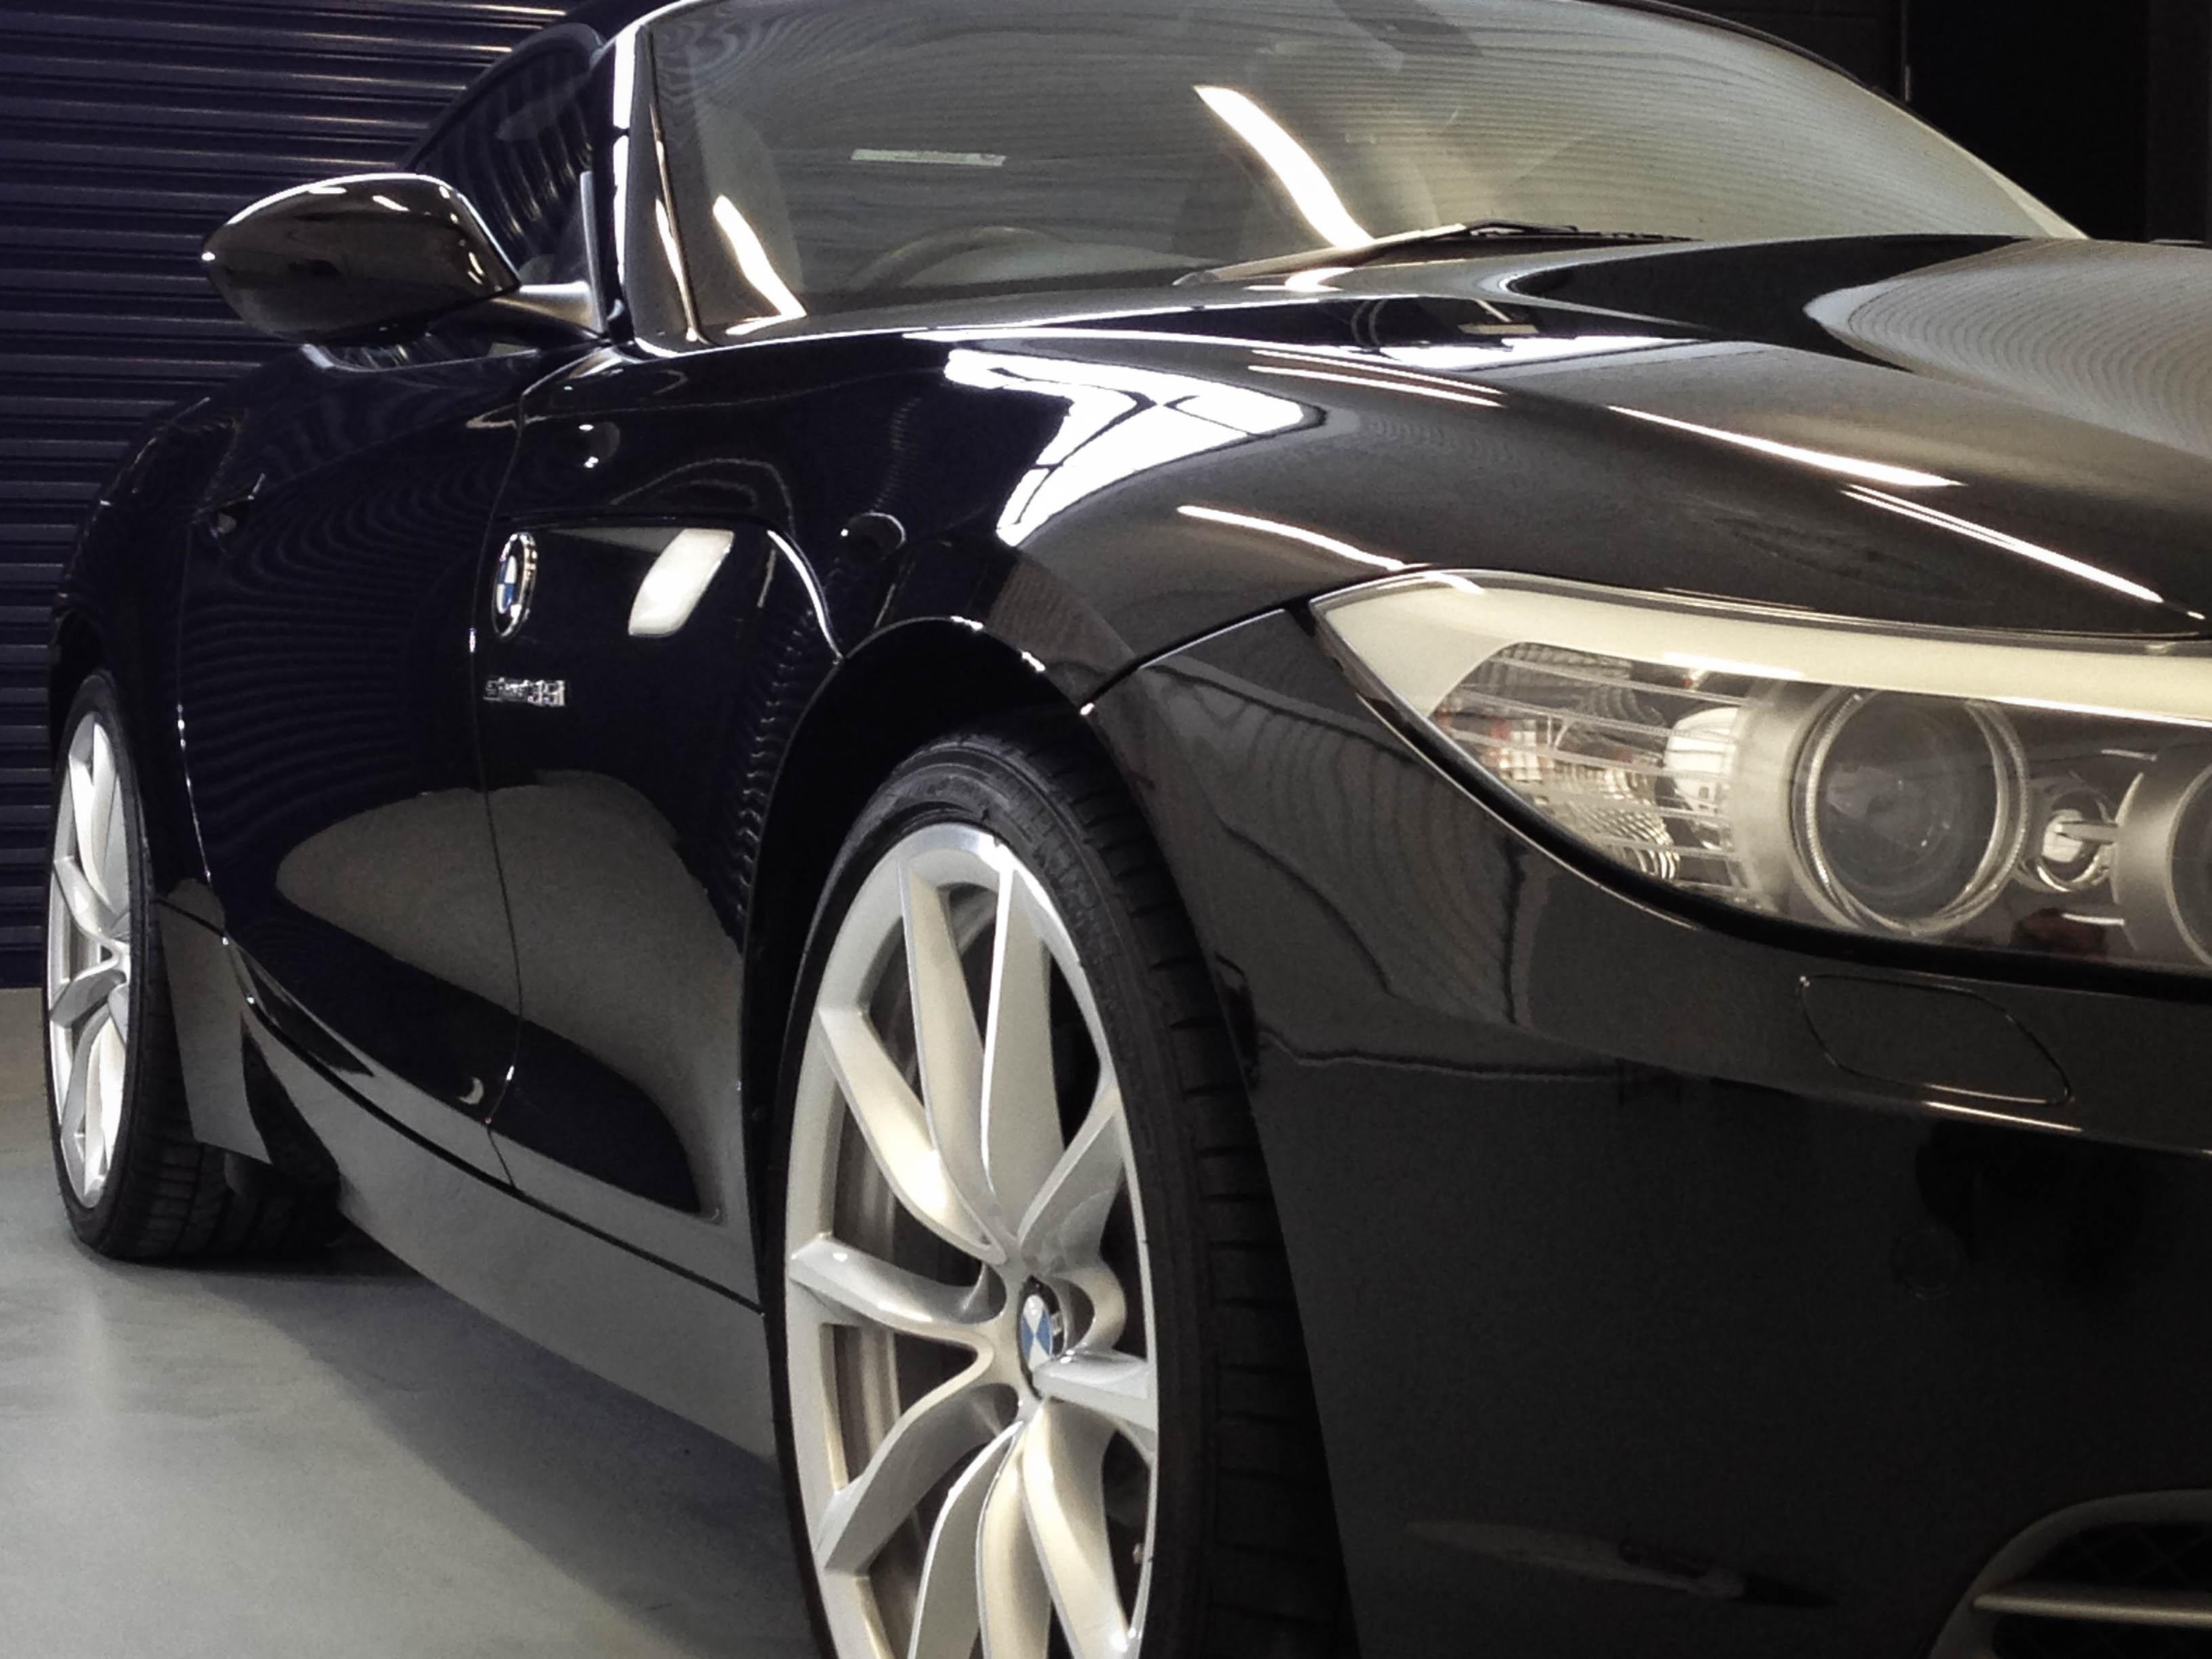 BMW Z4 3.2i – Front light